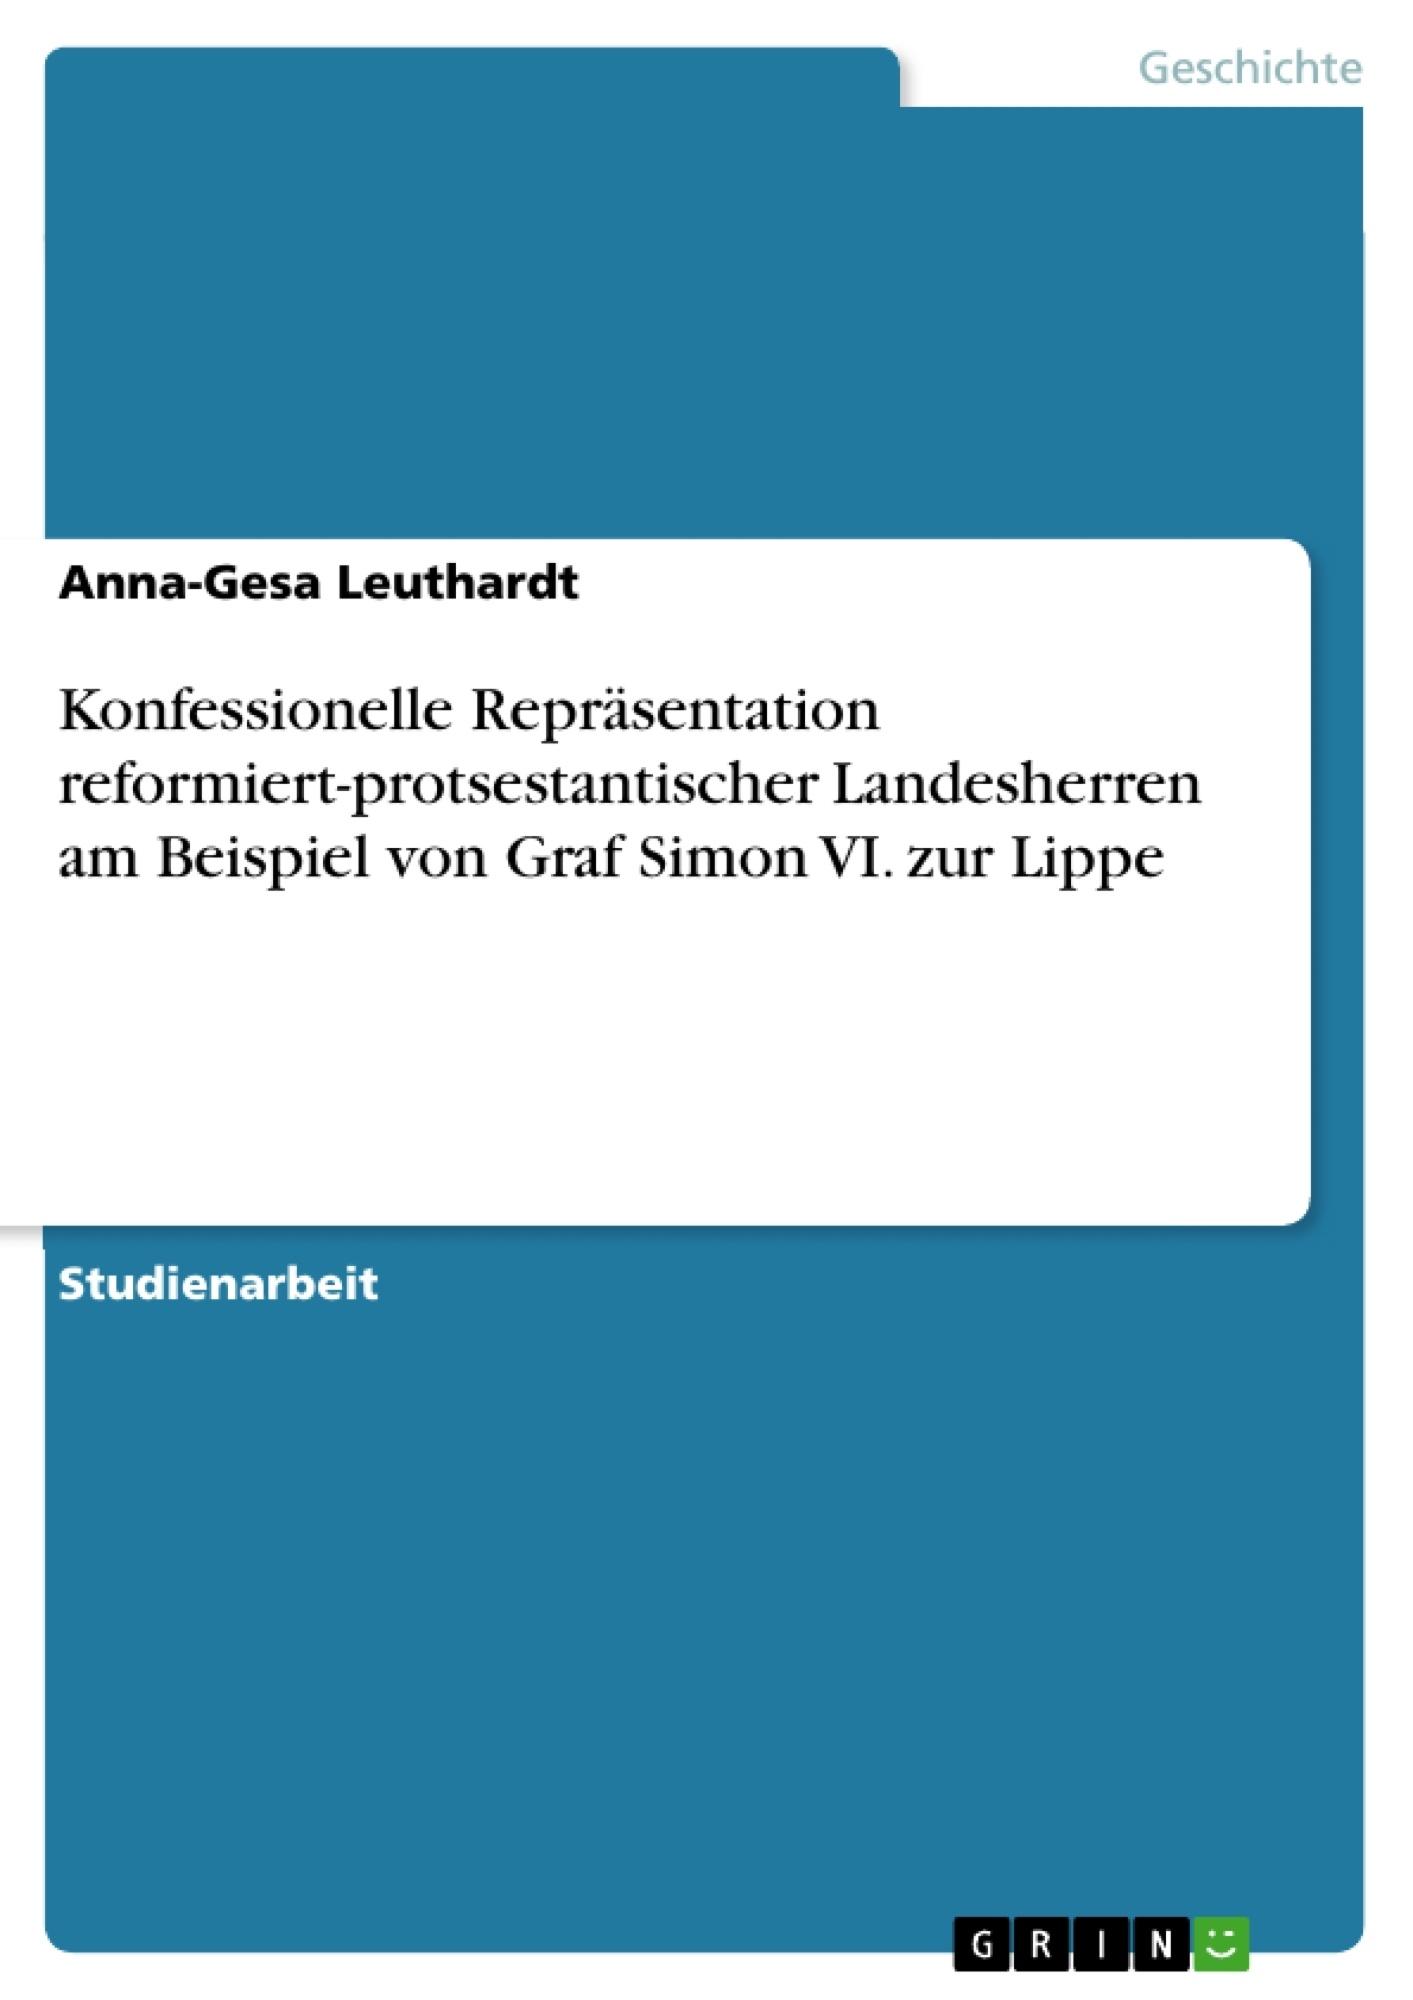 Titel: Konfessionelle Repräsentation reformiert-protsestantischer Landesherren am Beispiel von Graf Simon VI. zur Lippe